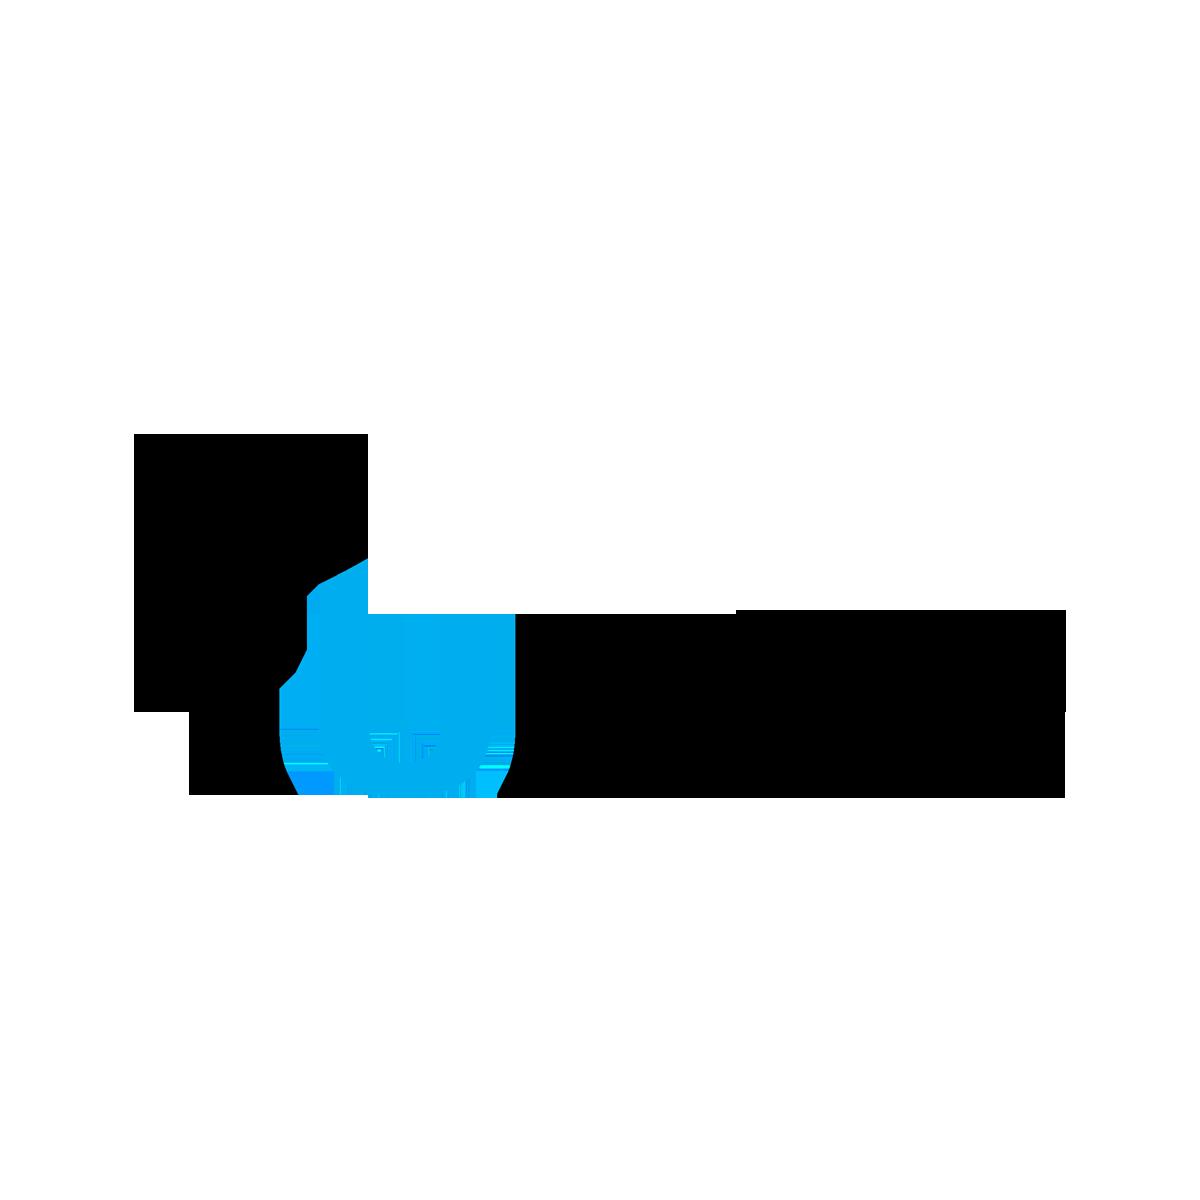 TU_Delft (1)